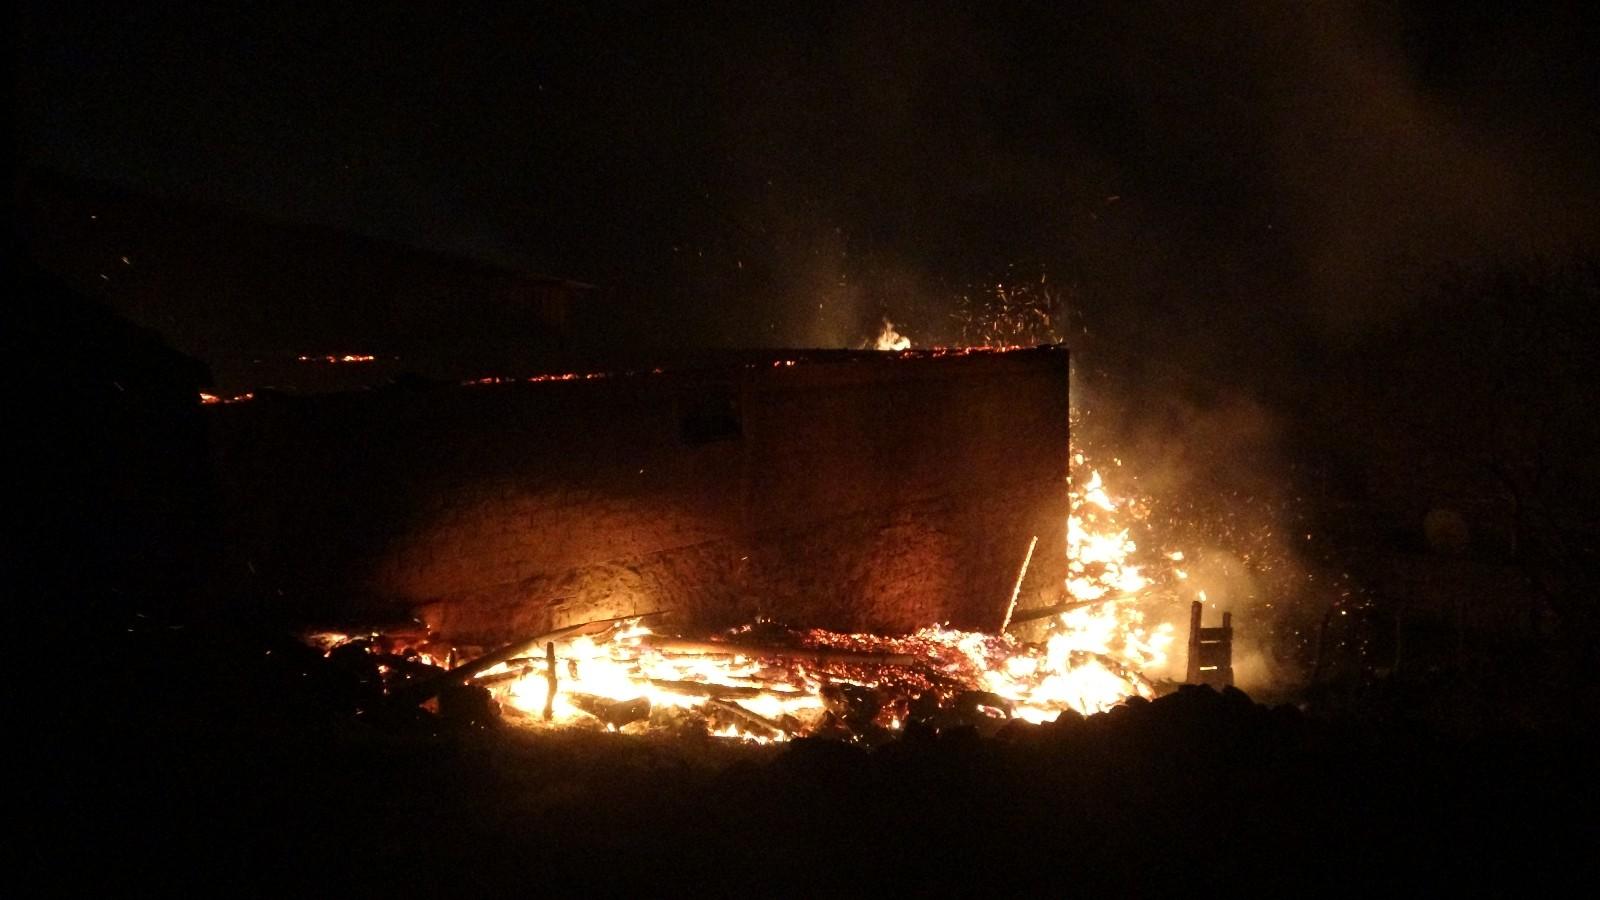 Uşak'ta 2 boş evde çıkan yangında ahırlarda çok sayıda koyun ve kuzu telef oldu